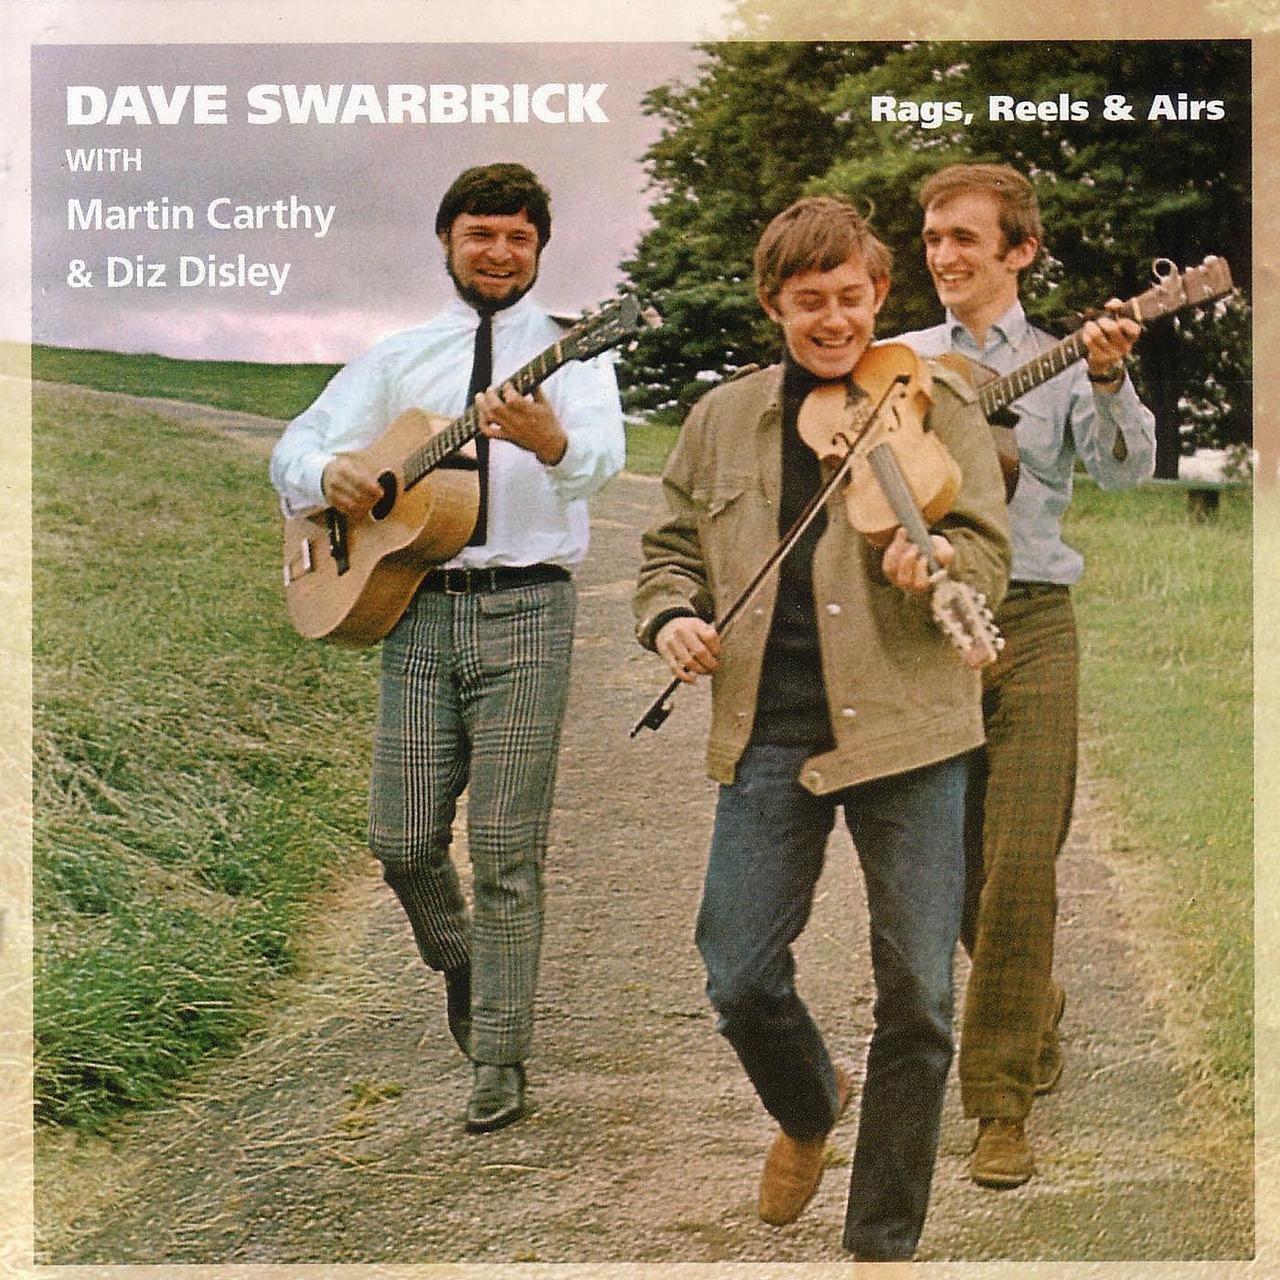 DAVE SWARBRICK - RAGS, REELS & AIRS [수입반]